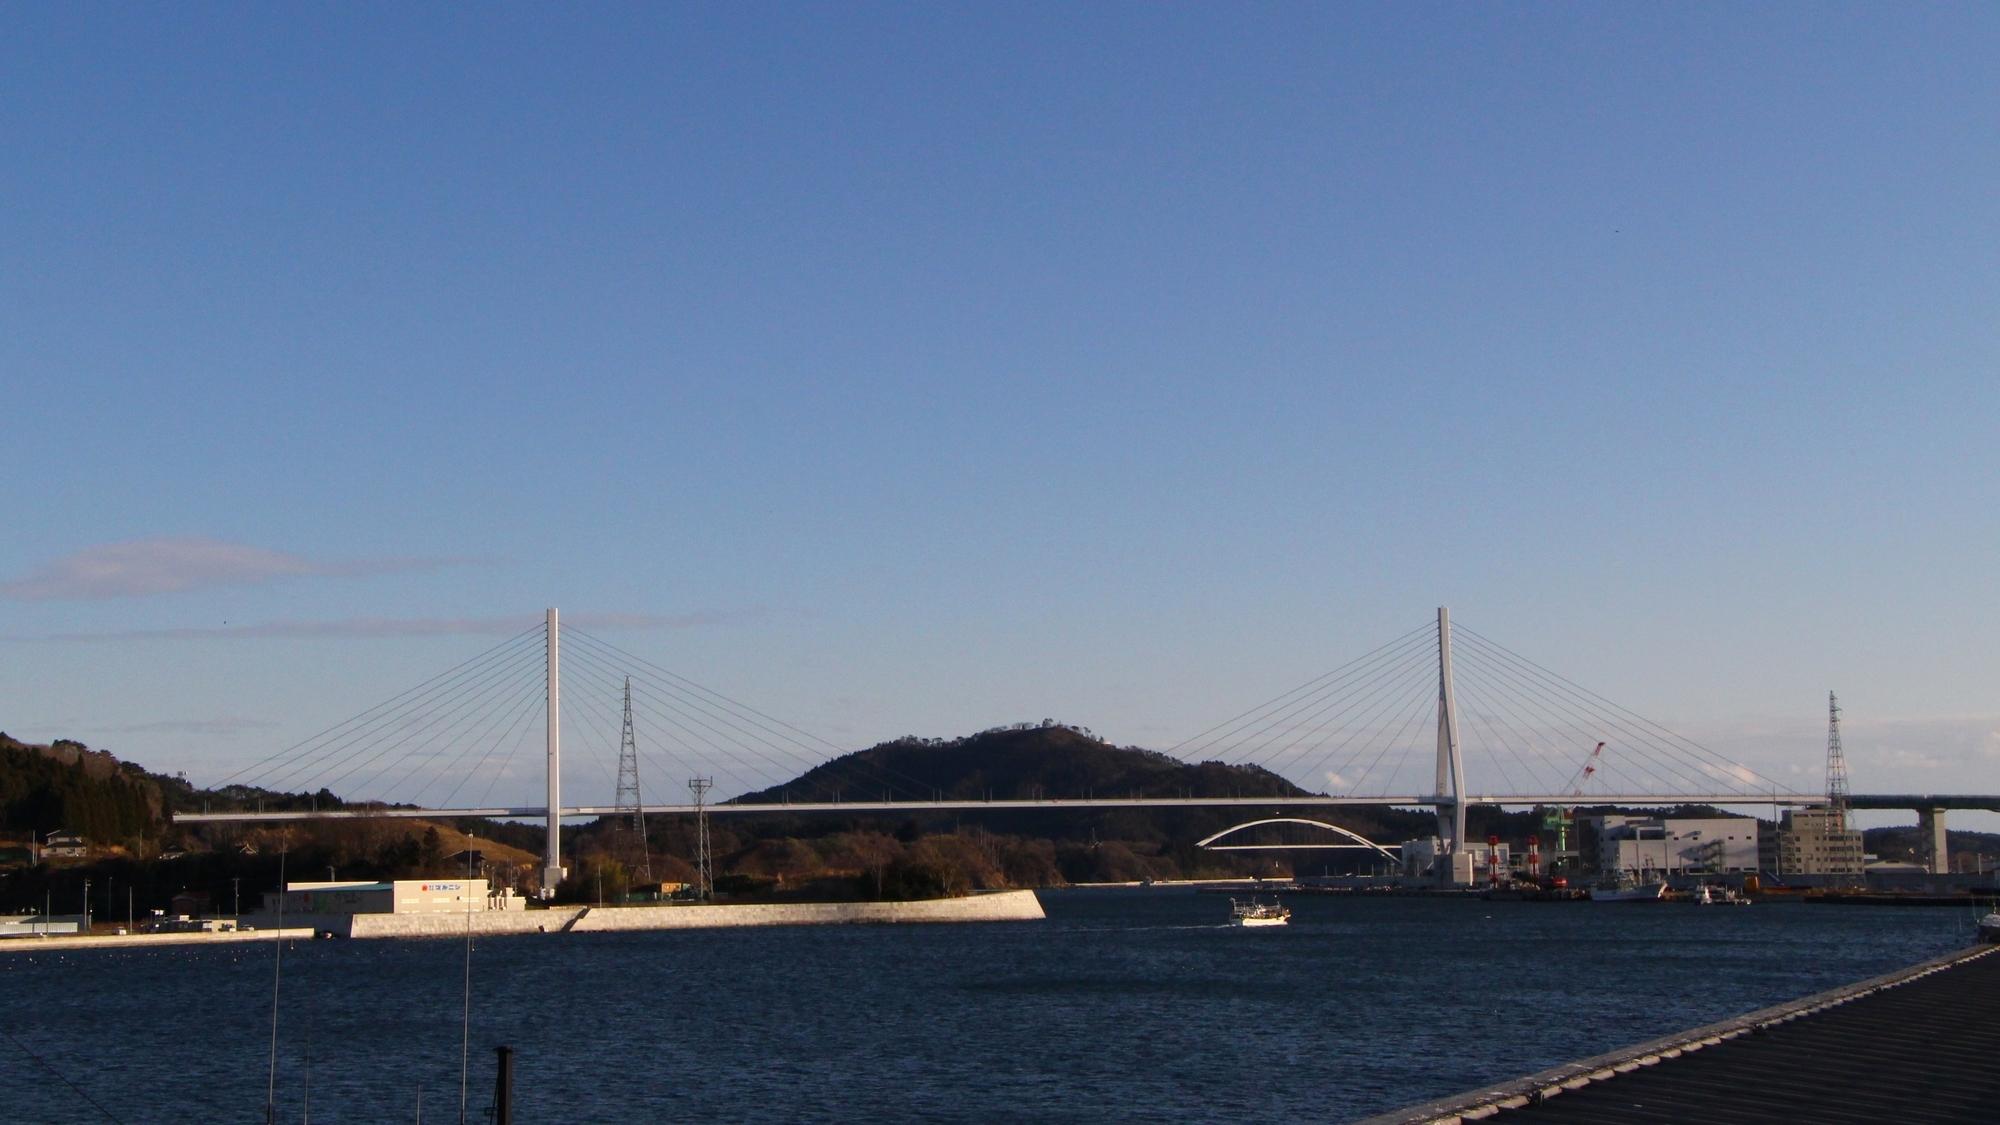 気仙沼湾横断橋 かなえおおはし